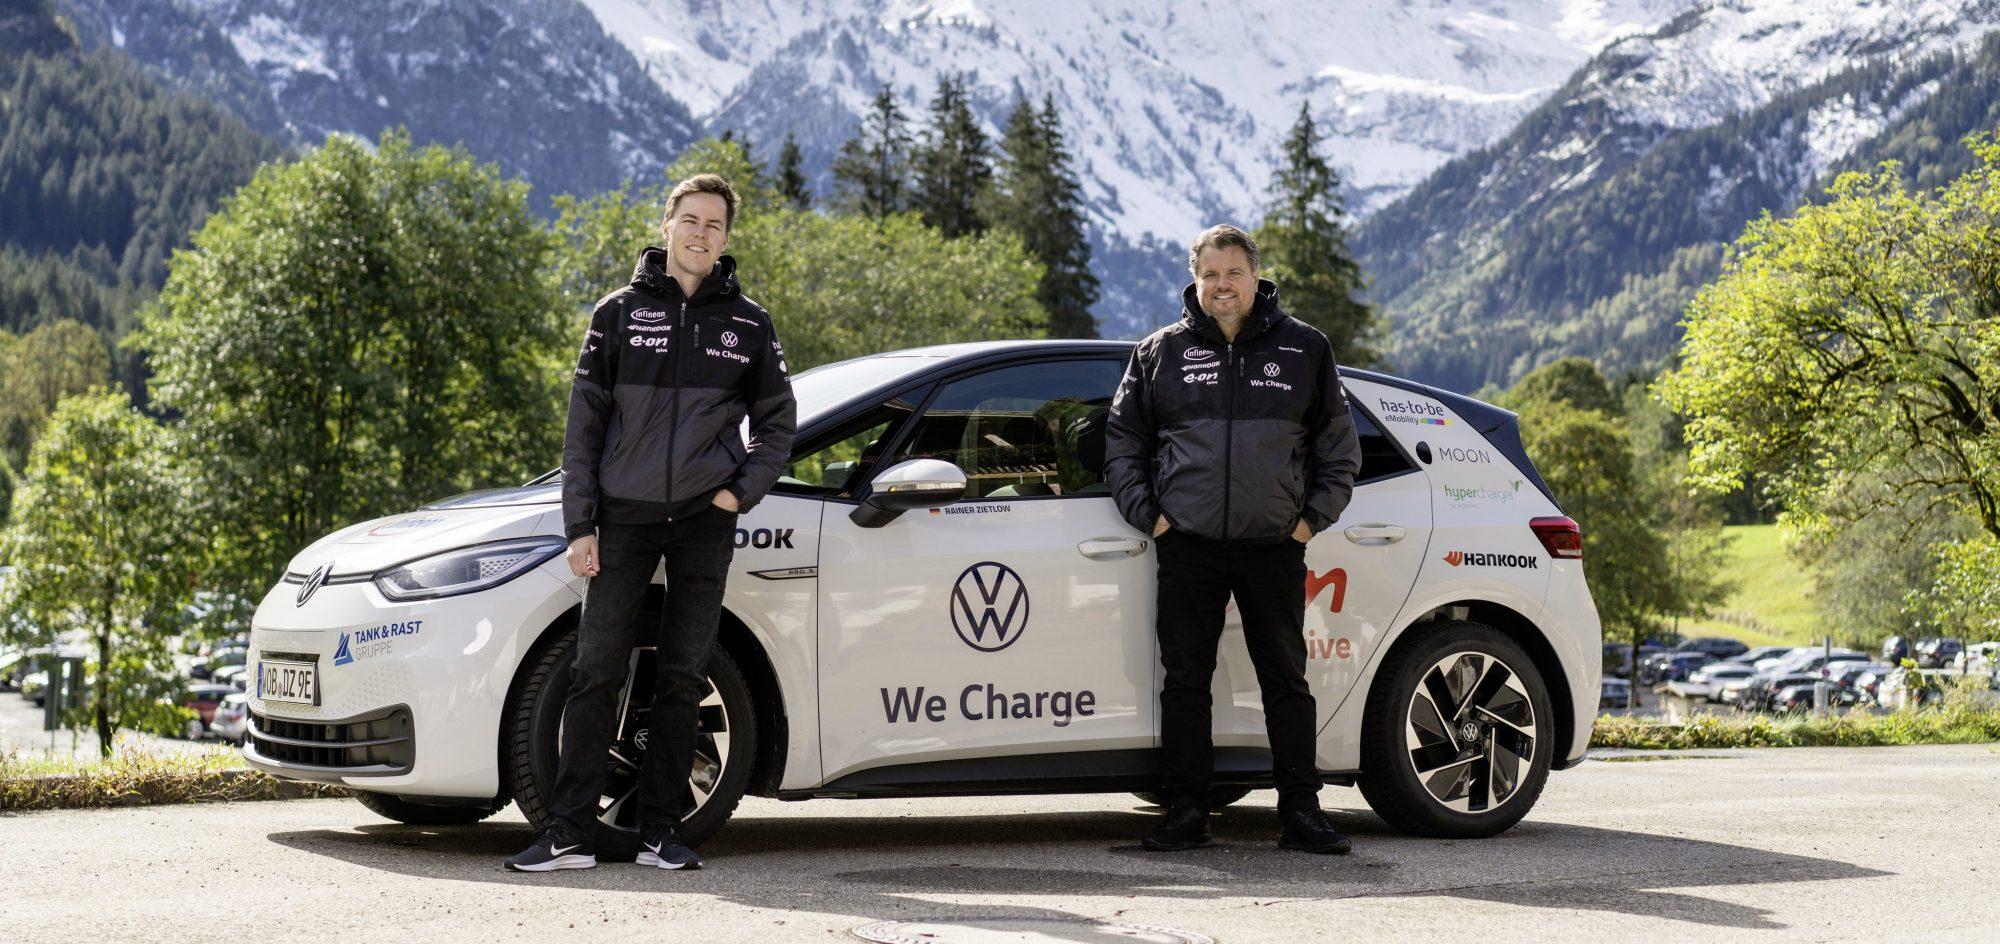 Доминик Брюнер и Райнер Цитлоу преодолели по немецким дорогам 28198 километров за 65 дней на электромобиле VW ID.3 Pro S. Volkswagen заявляет, что это наиболее длинная беспрерывная поездка электрокара через одну страну.